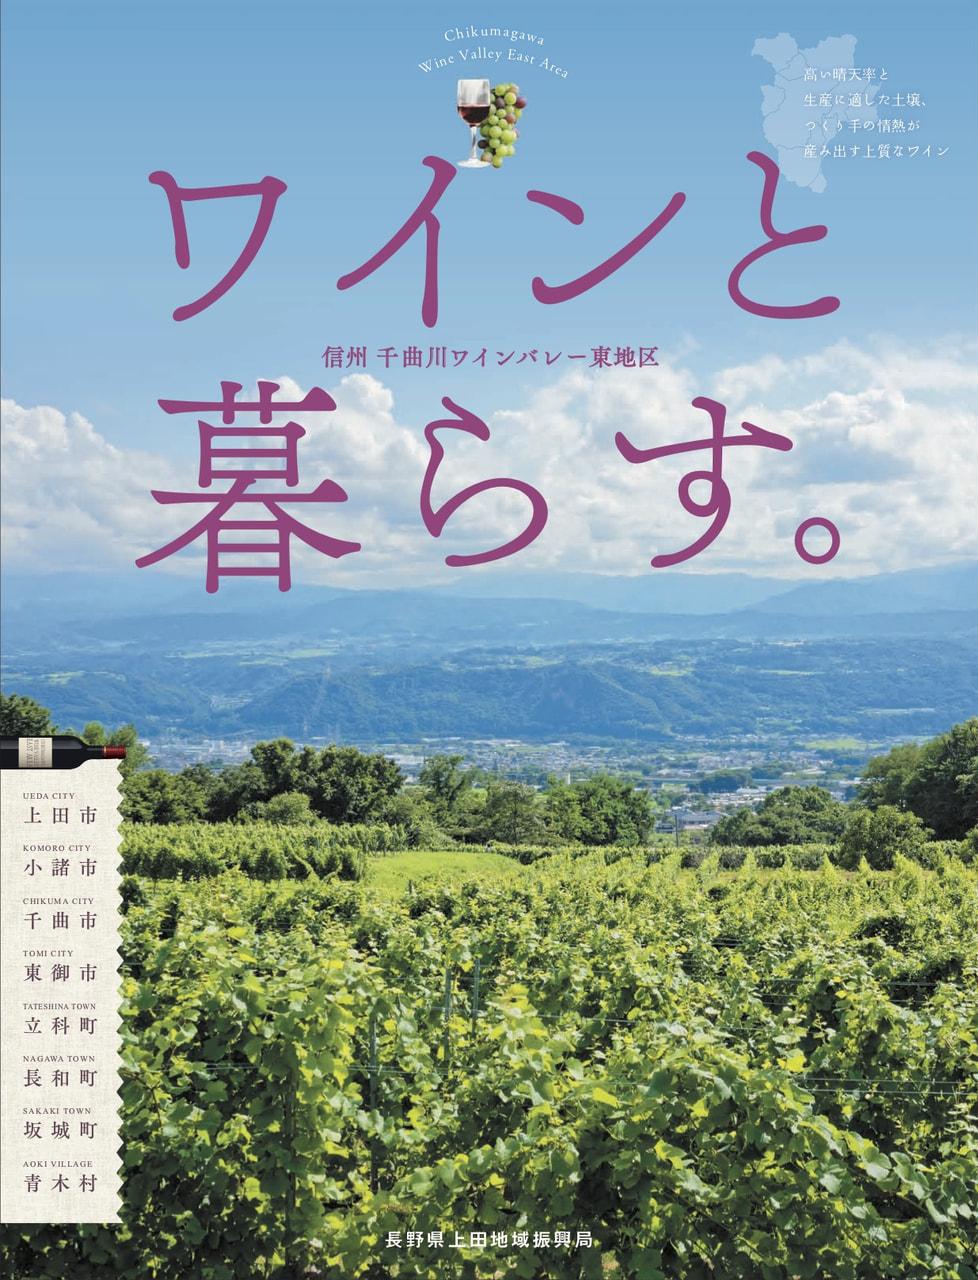 千曲川ワインバレー東地区 パンフレット